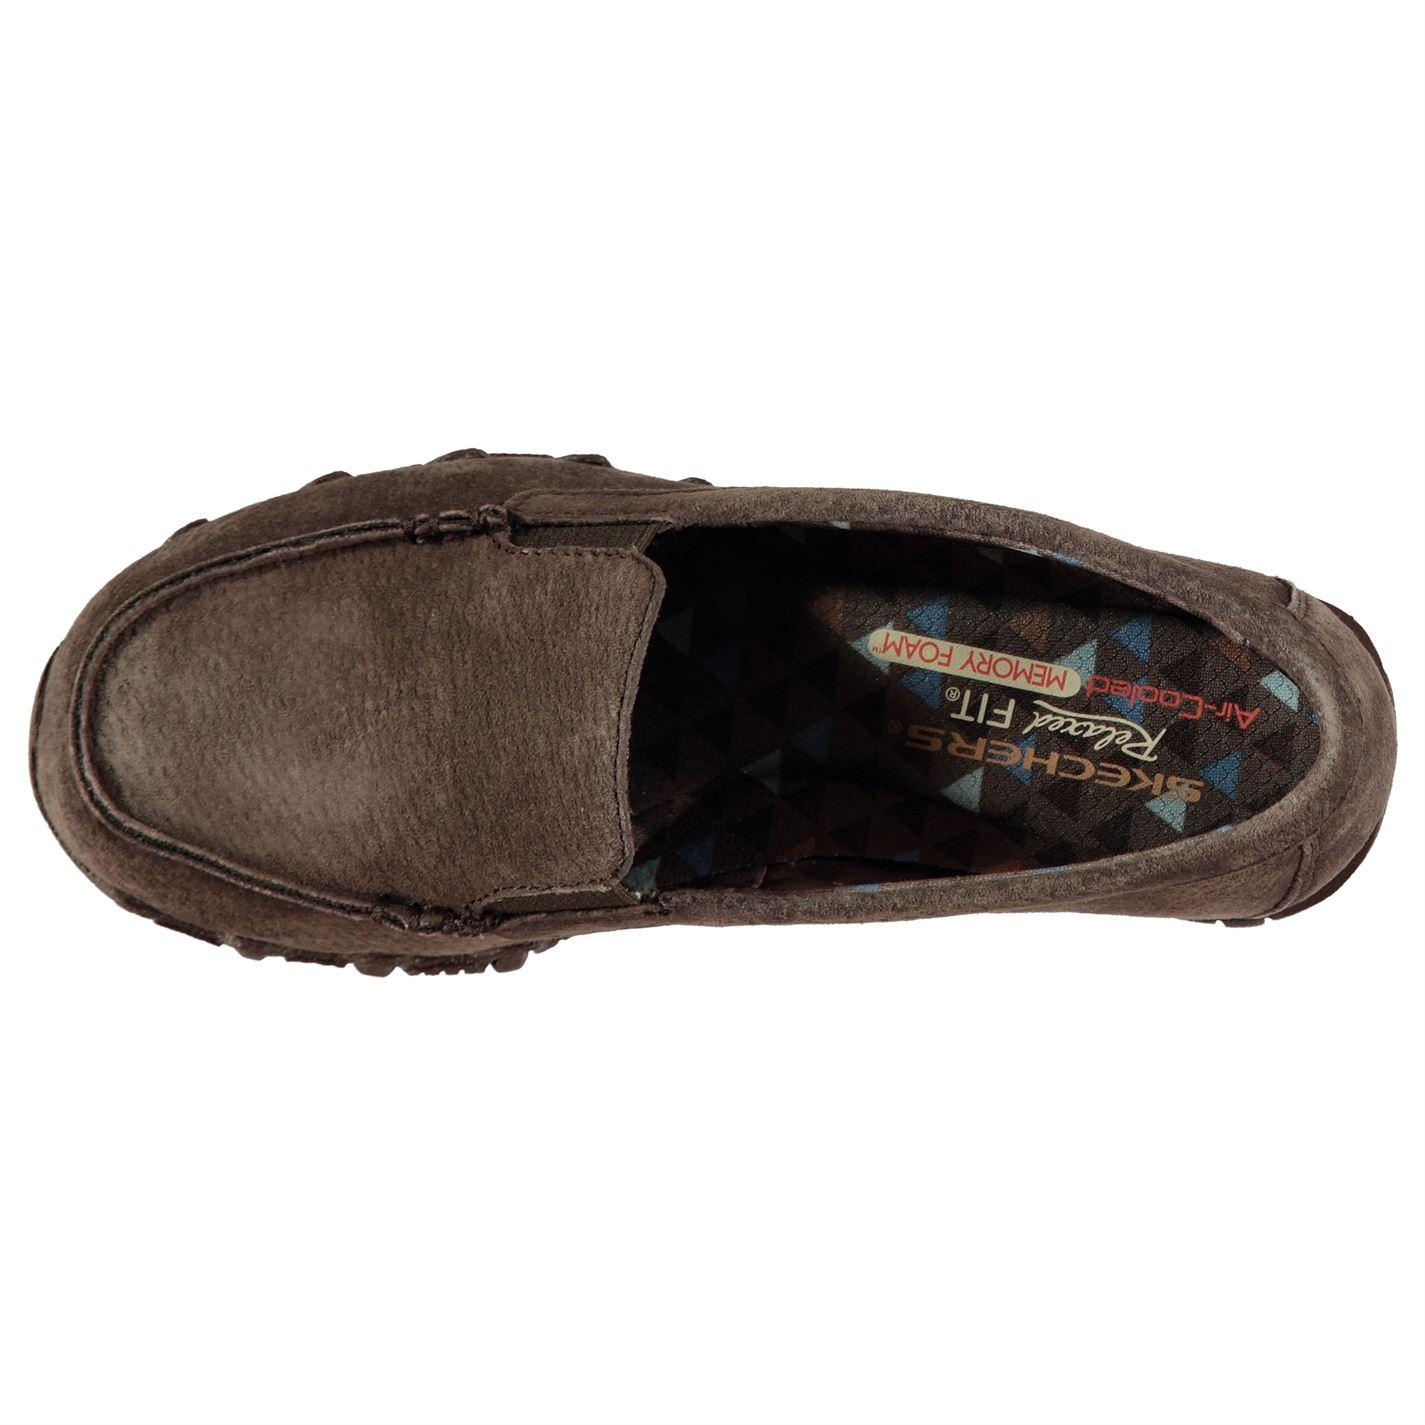 Skechers Skechers Skechers Motardes Roam Chaussures femme tous les jours à enfiler effet vieilli en mousse à mémoire de ton sur ton 48b2be